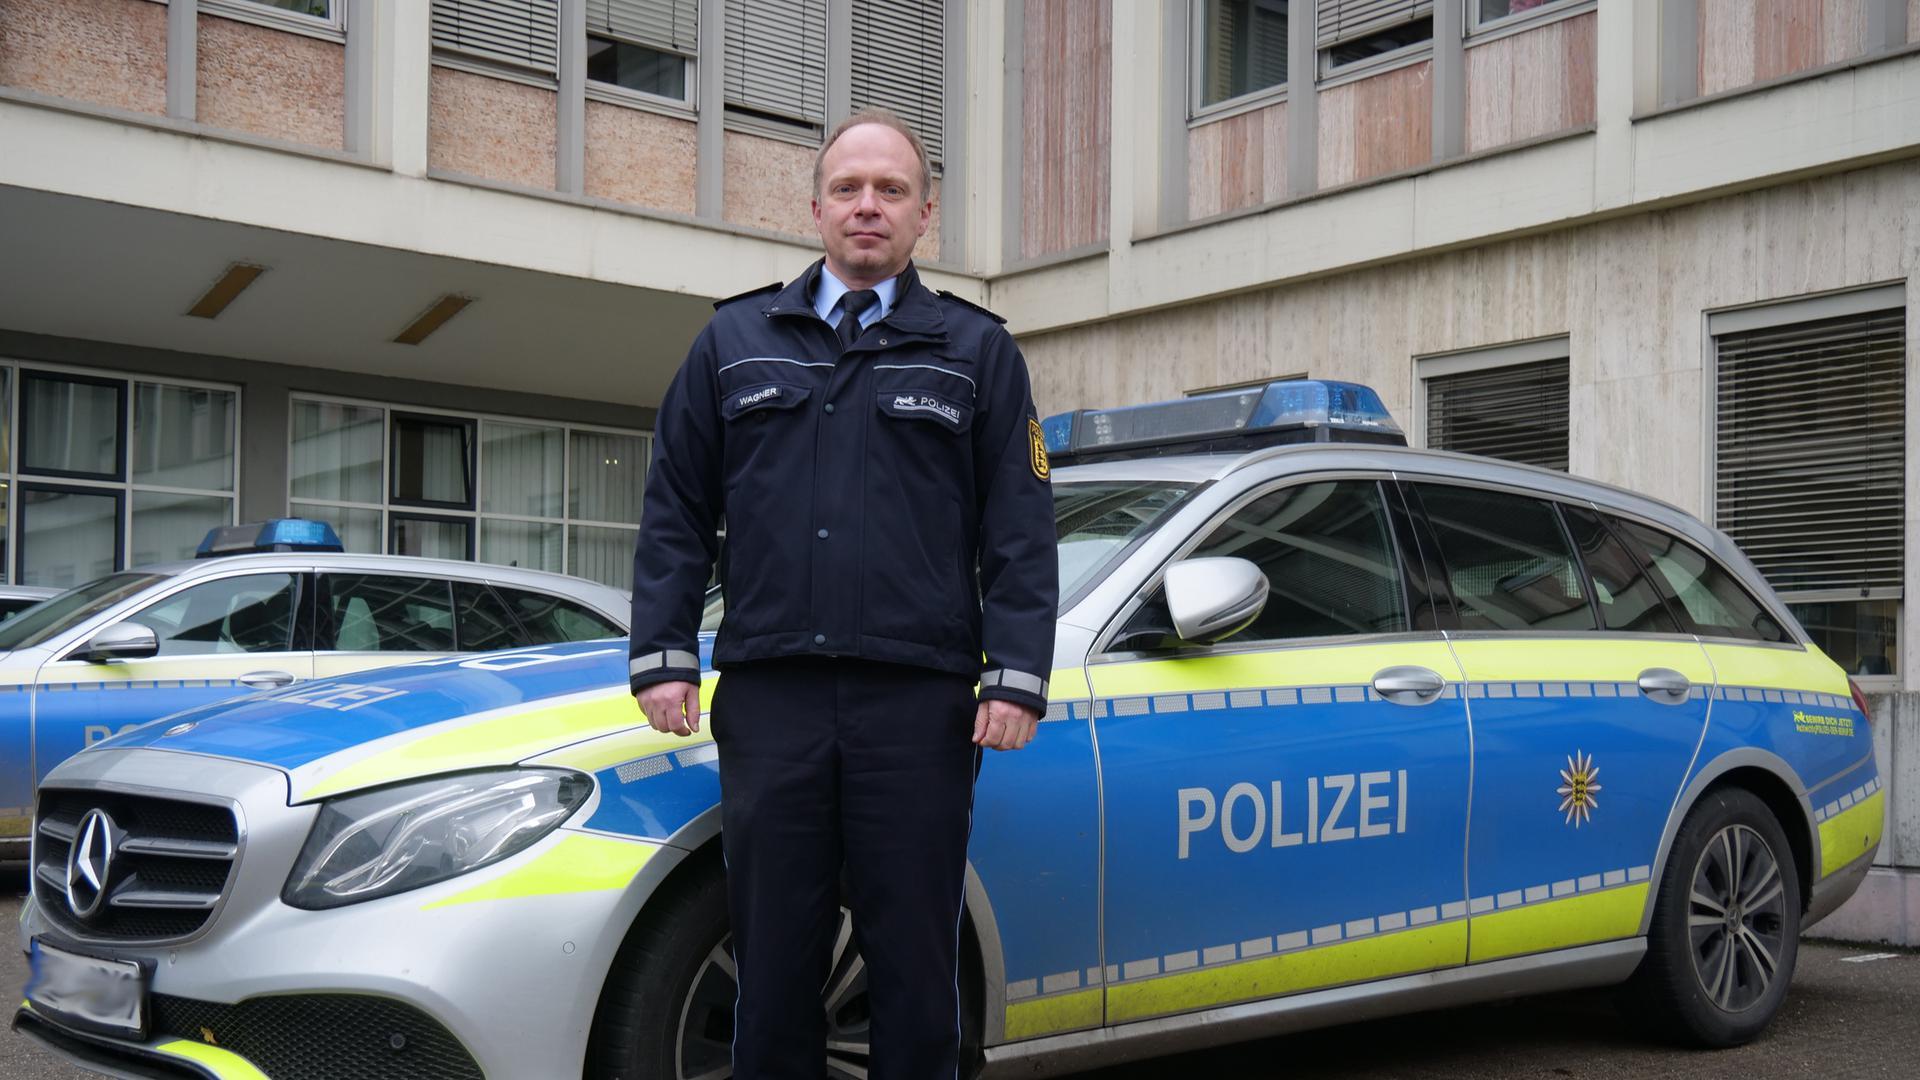 Polizist steht vor einem Einsatzfahrzeug.